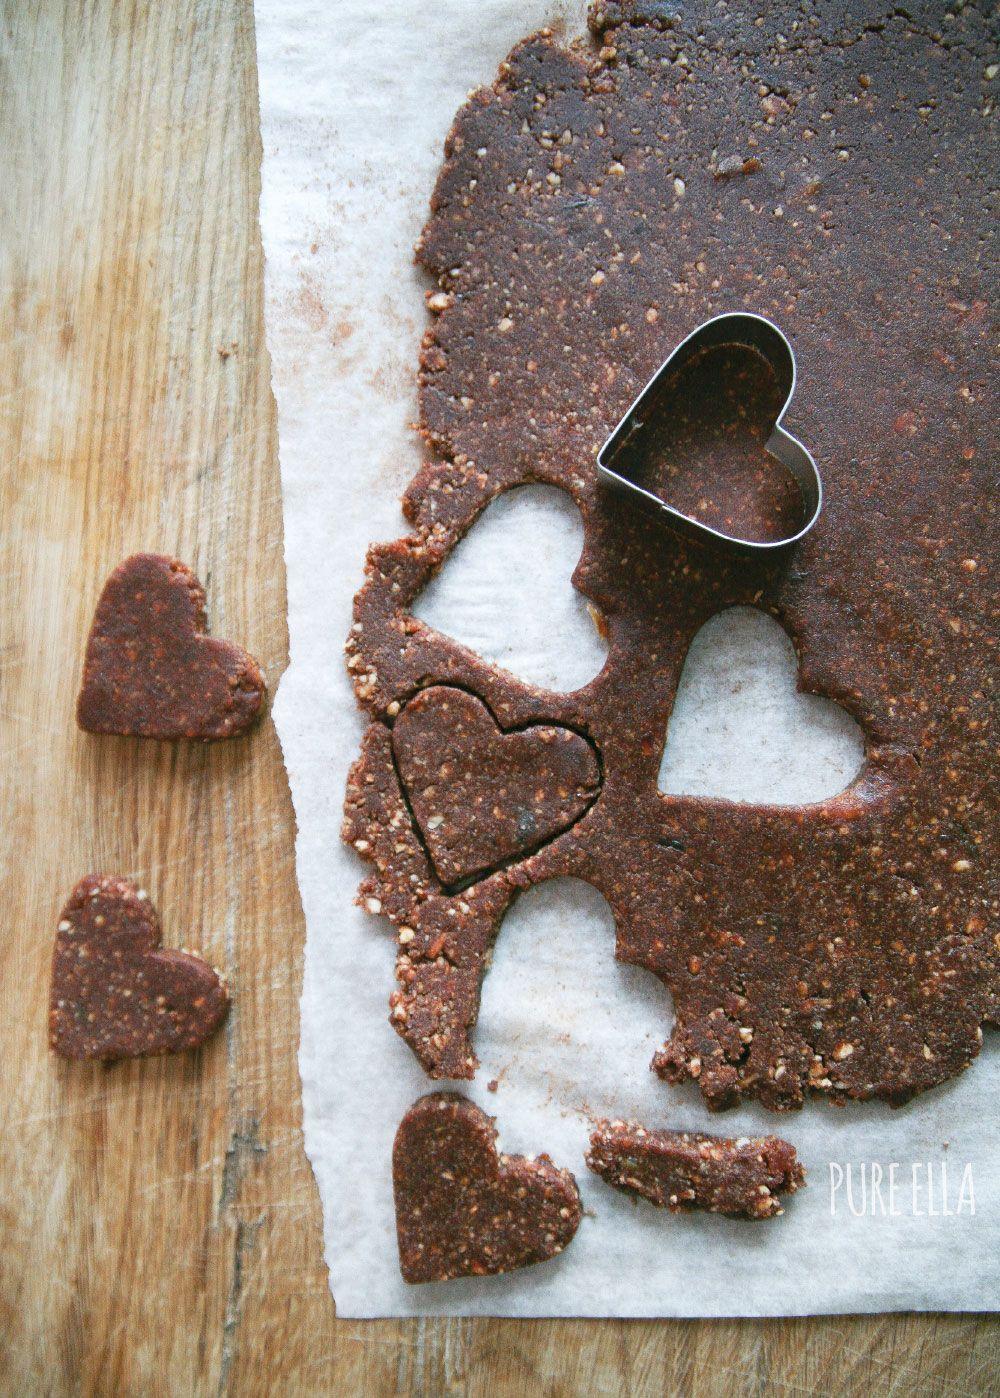 Raw hazelnut chocolate hearts